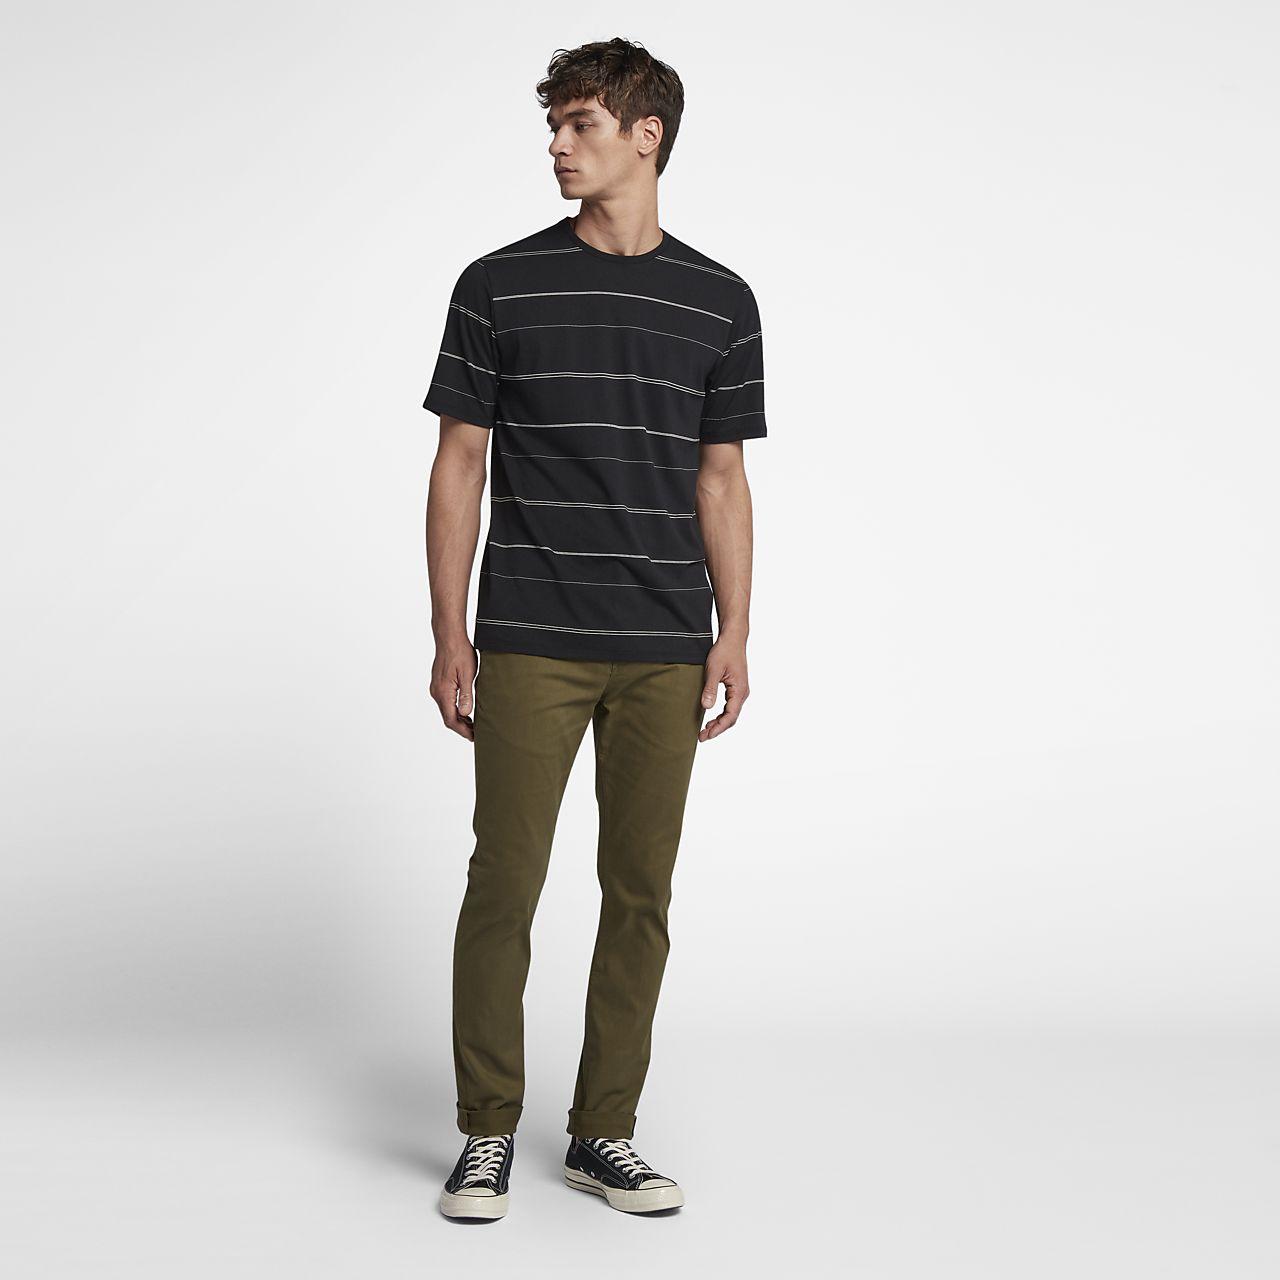 Hurley Dri FIT Worker 32 bukser til mænd. Nike DK